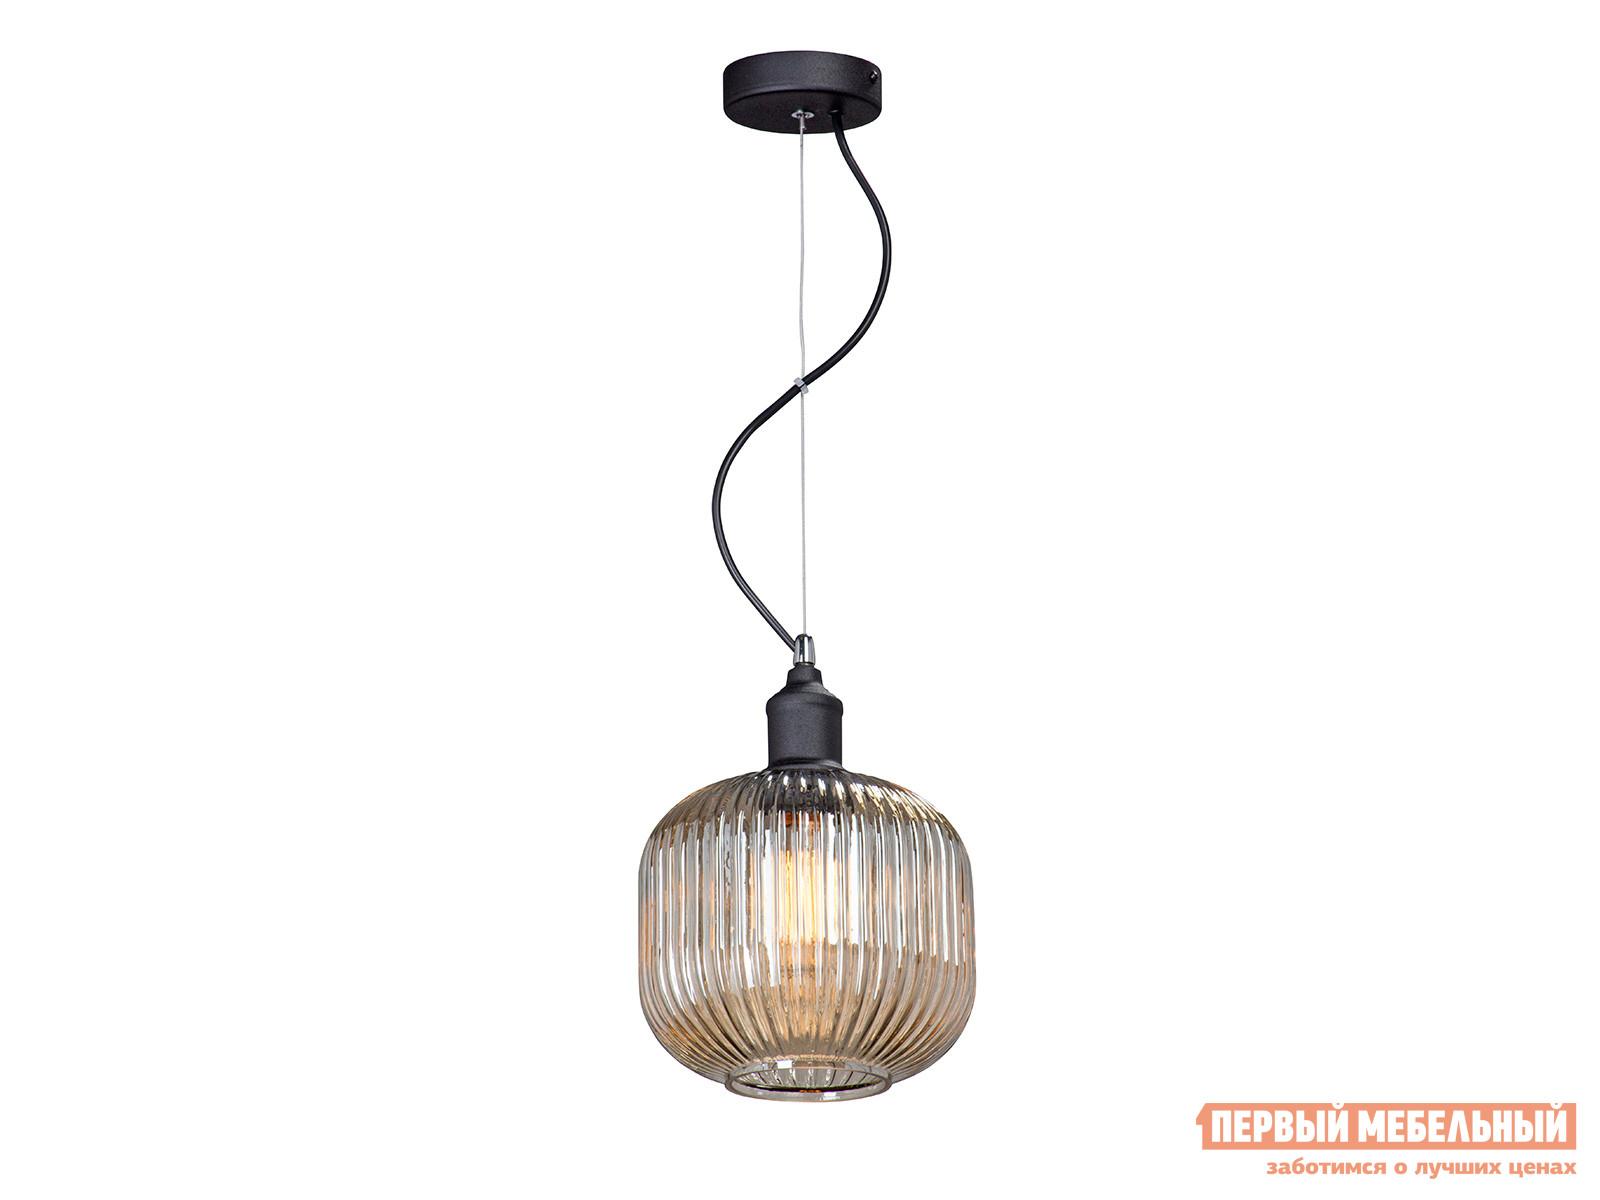 Подвесной светильник КСК-электро Люстра V4845-1/1S